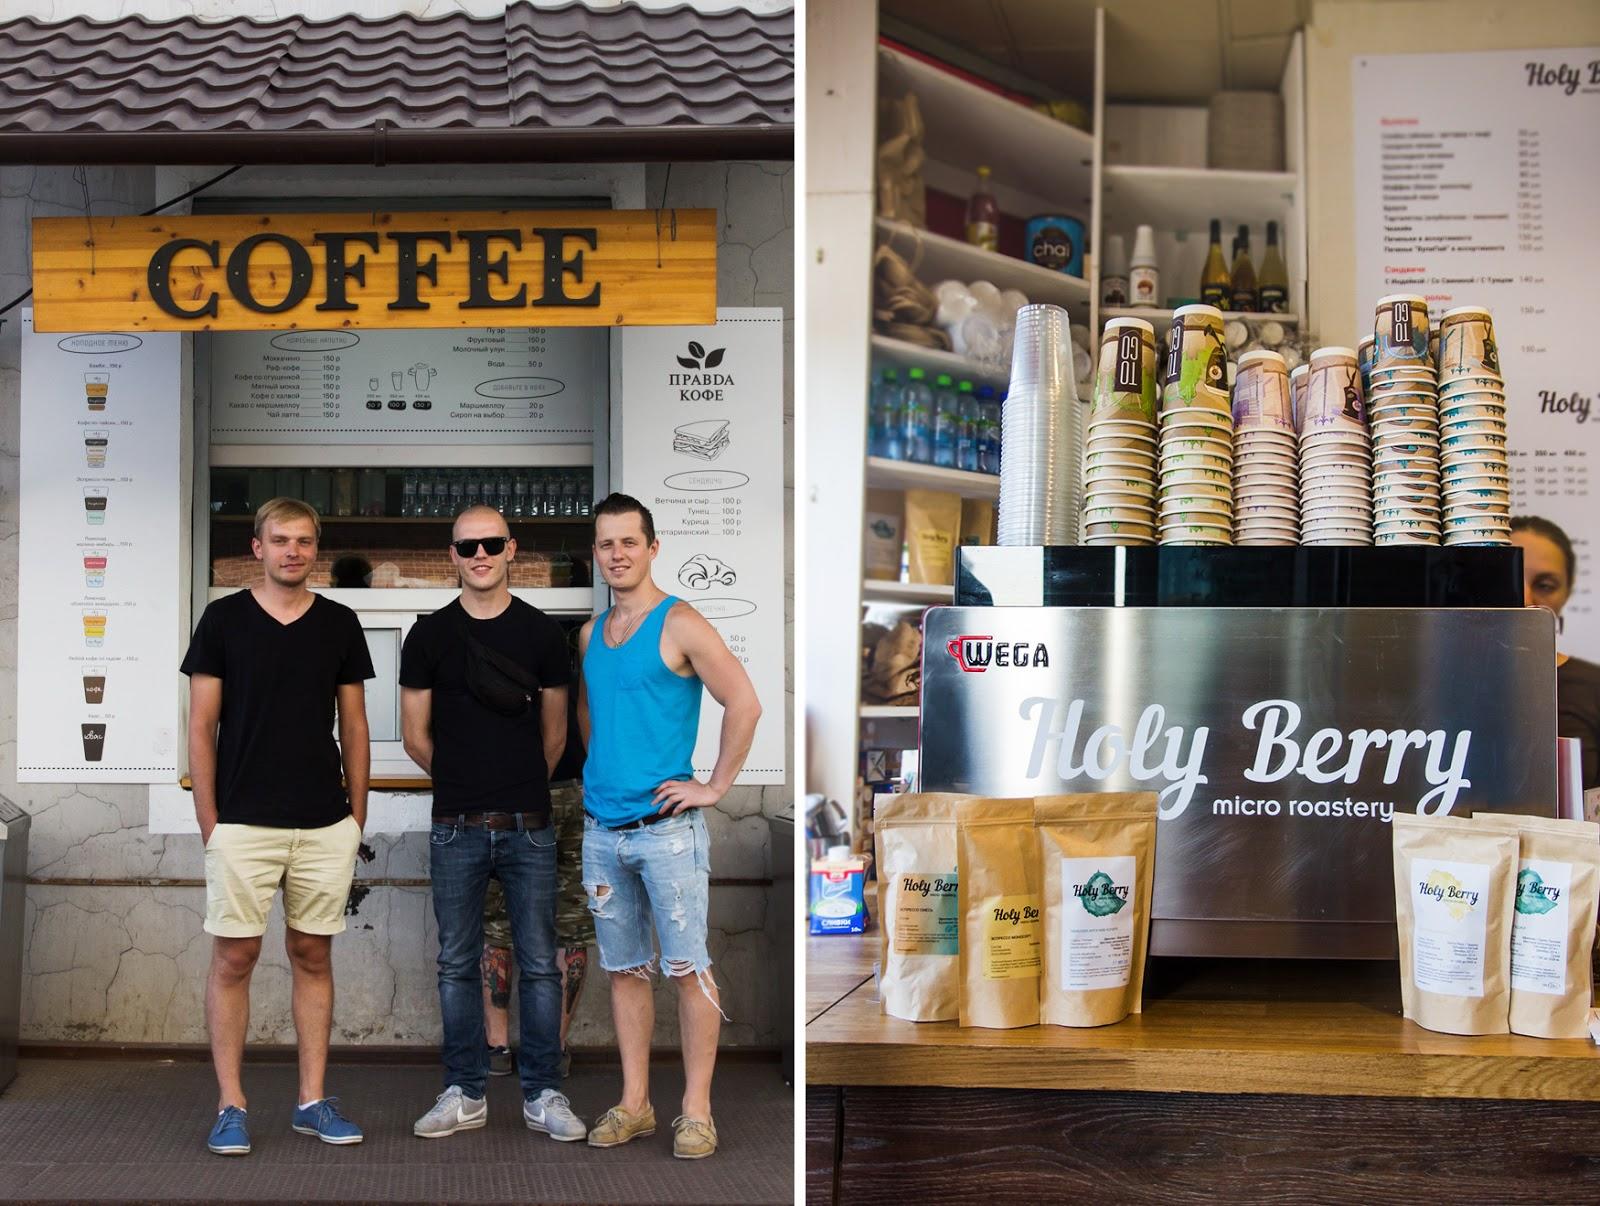 Holy Berry, святая ягода, кофейня, кофейня москва, открыли бизнес, открыть кофейню